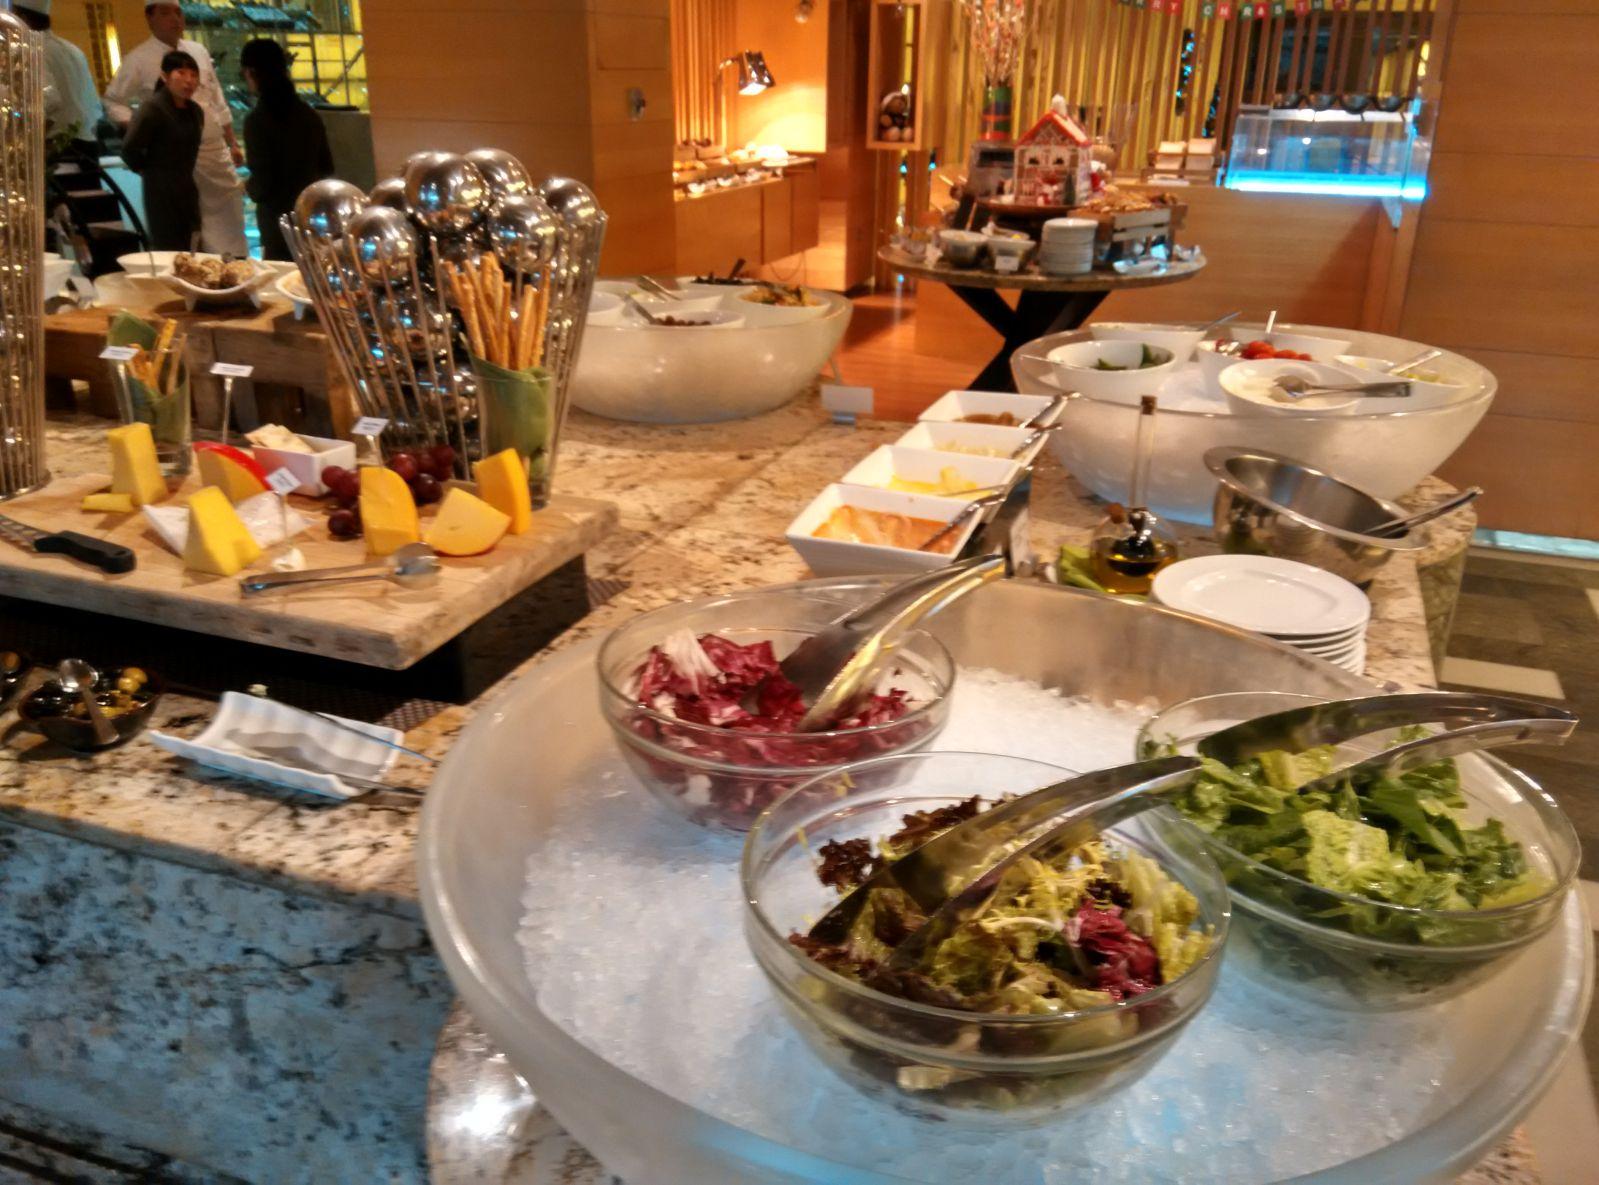 shenzhen-jw-marriott-breakfast-2